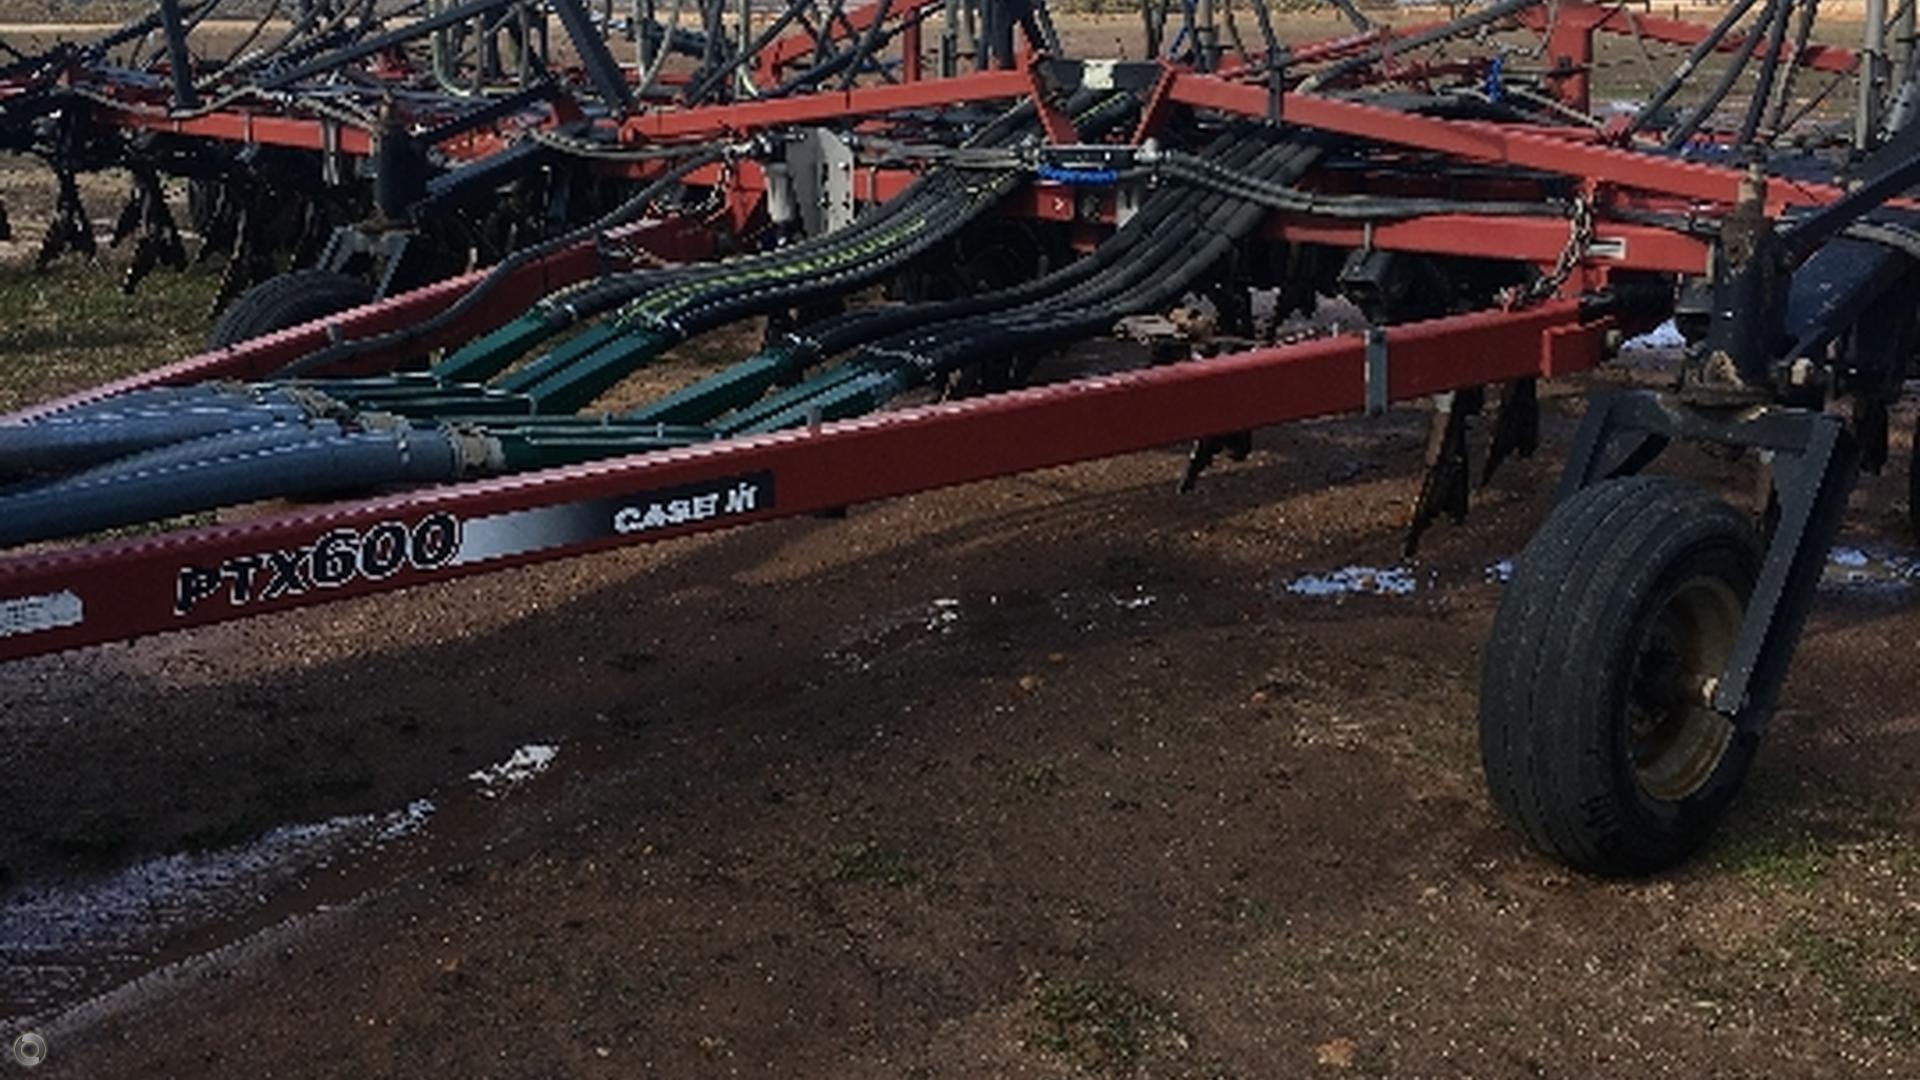 2003 CASE IH PTX600 Seeding Bar